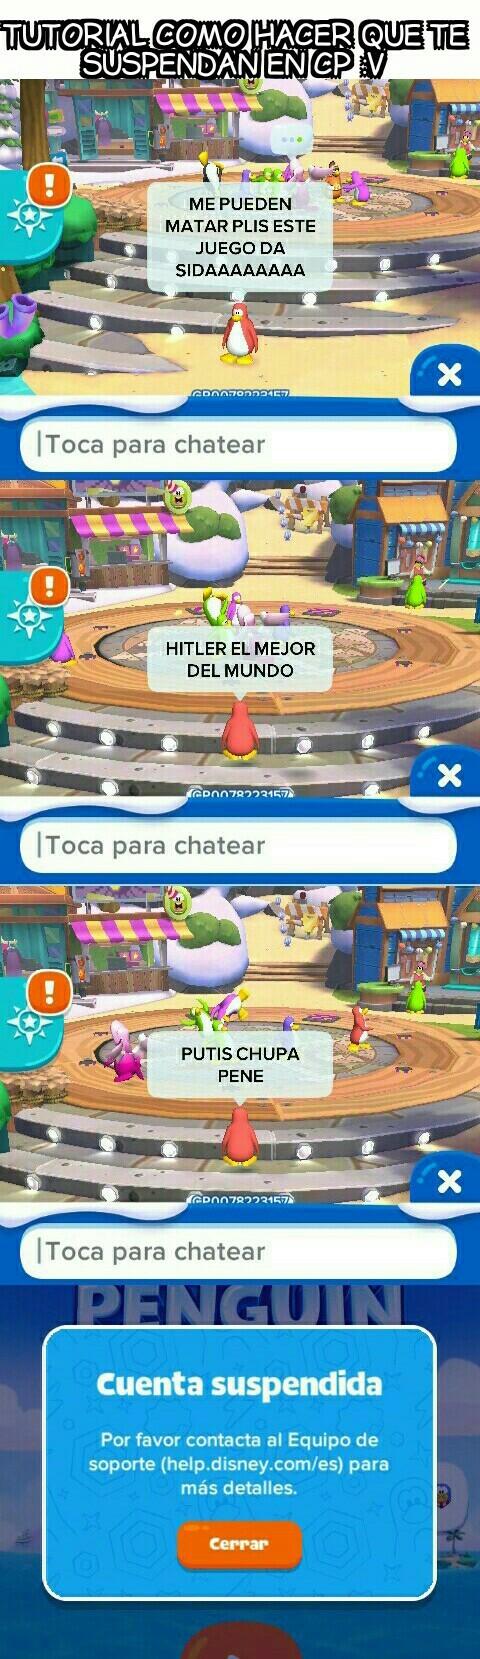 Simple y sesillo tutorial (HD) [Full Español] 1 Link mega 100% real - meme